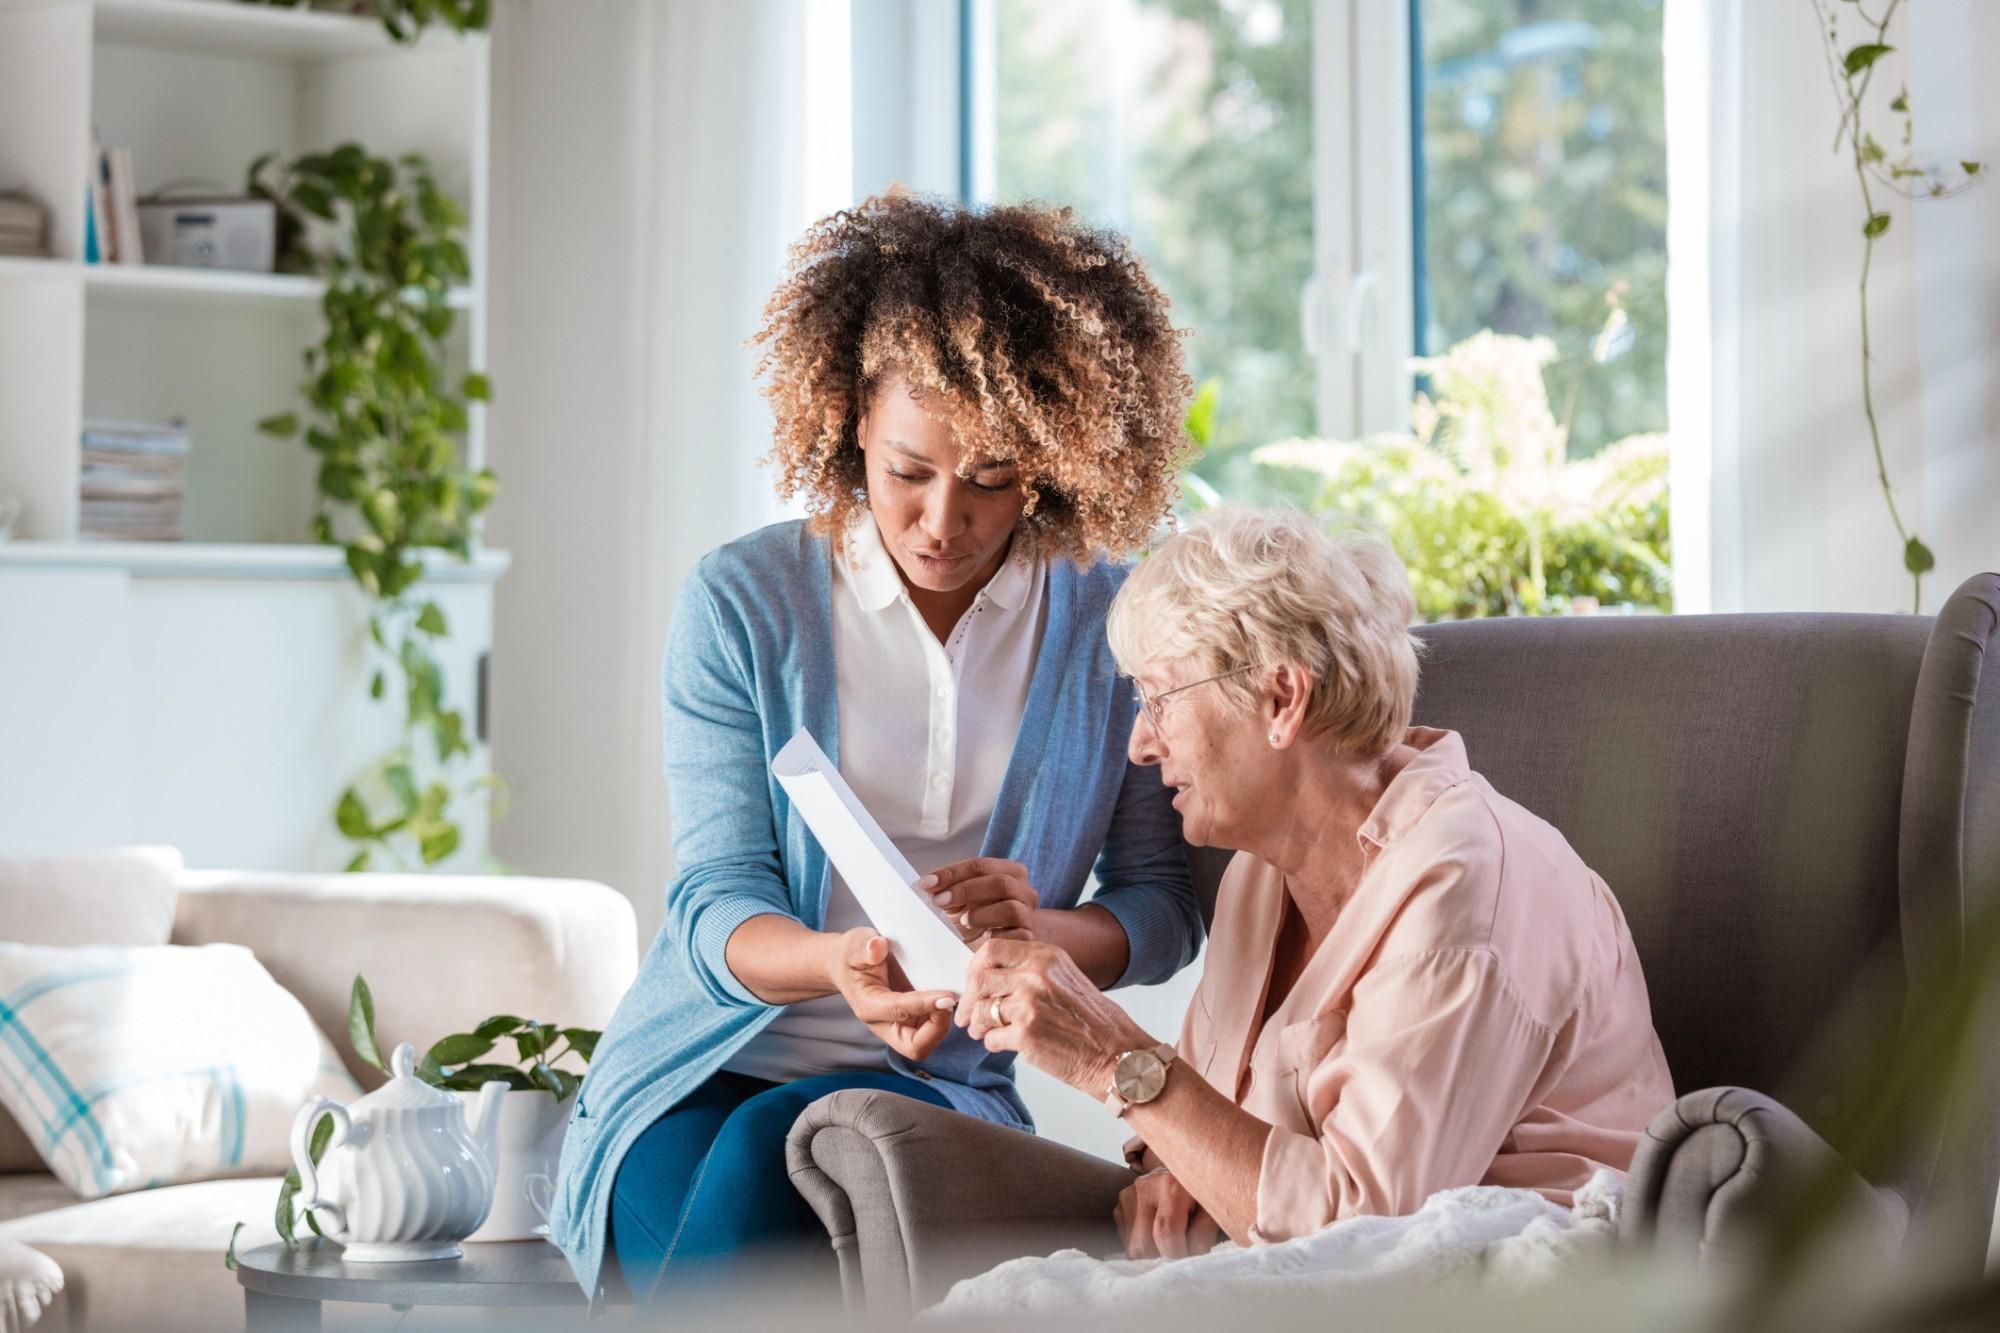 Conheça (x) cuidados essenciais que o idoso com Parkinson precisa